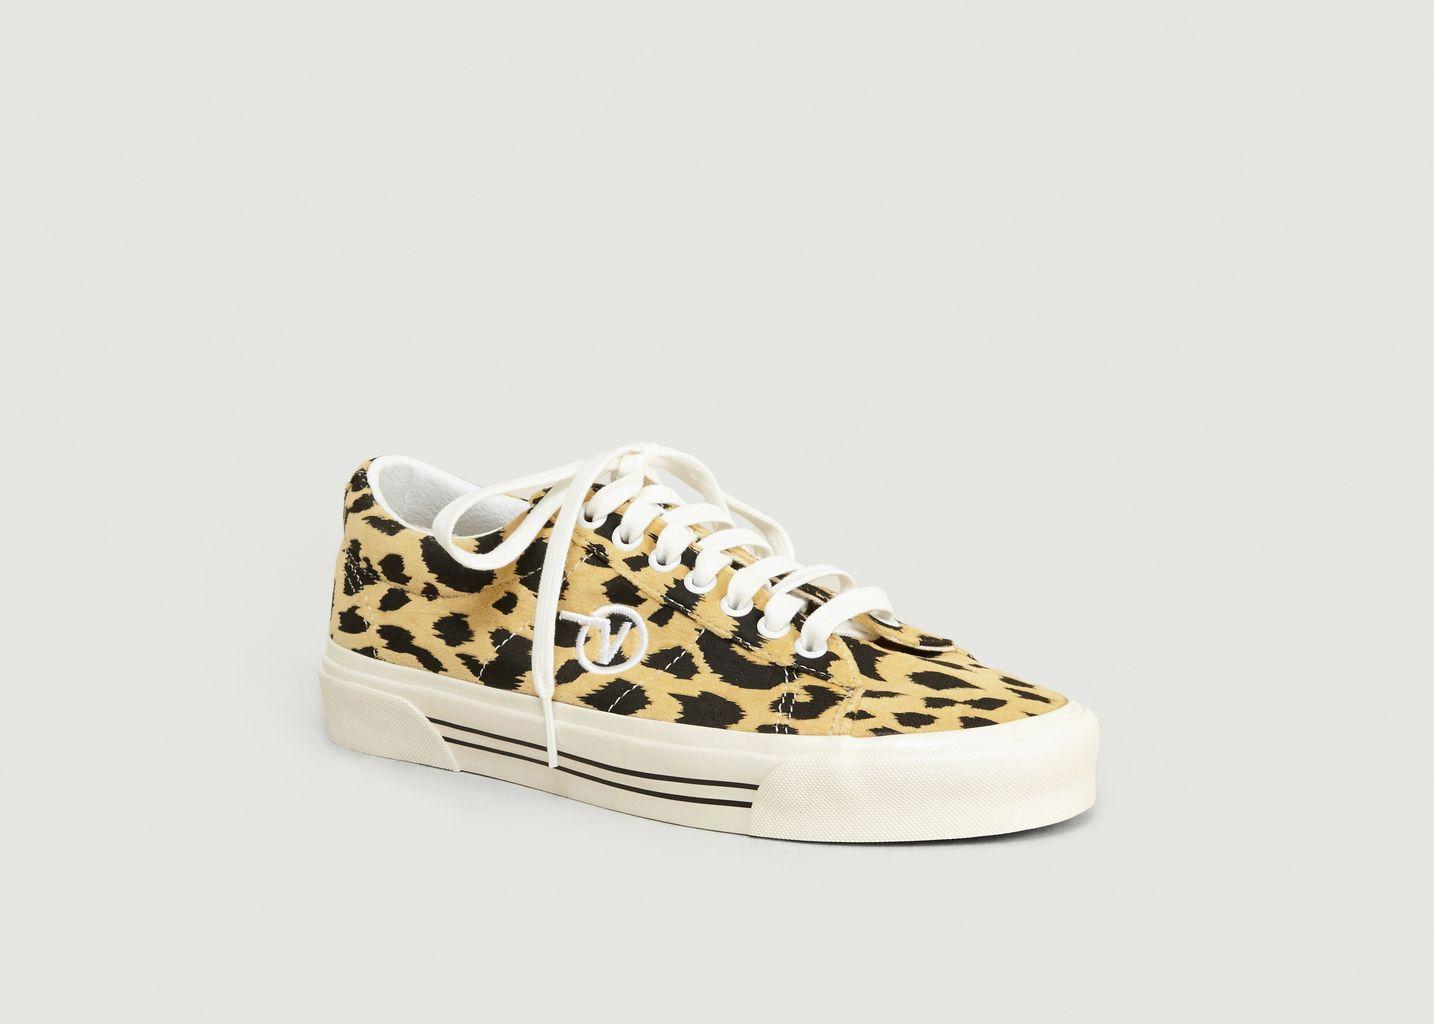 Sneakers Sid Ni Anaheim Factory - Vans